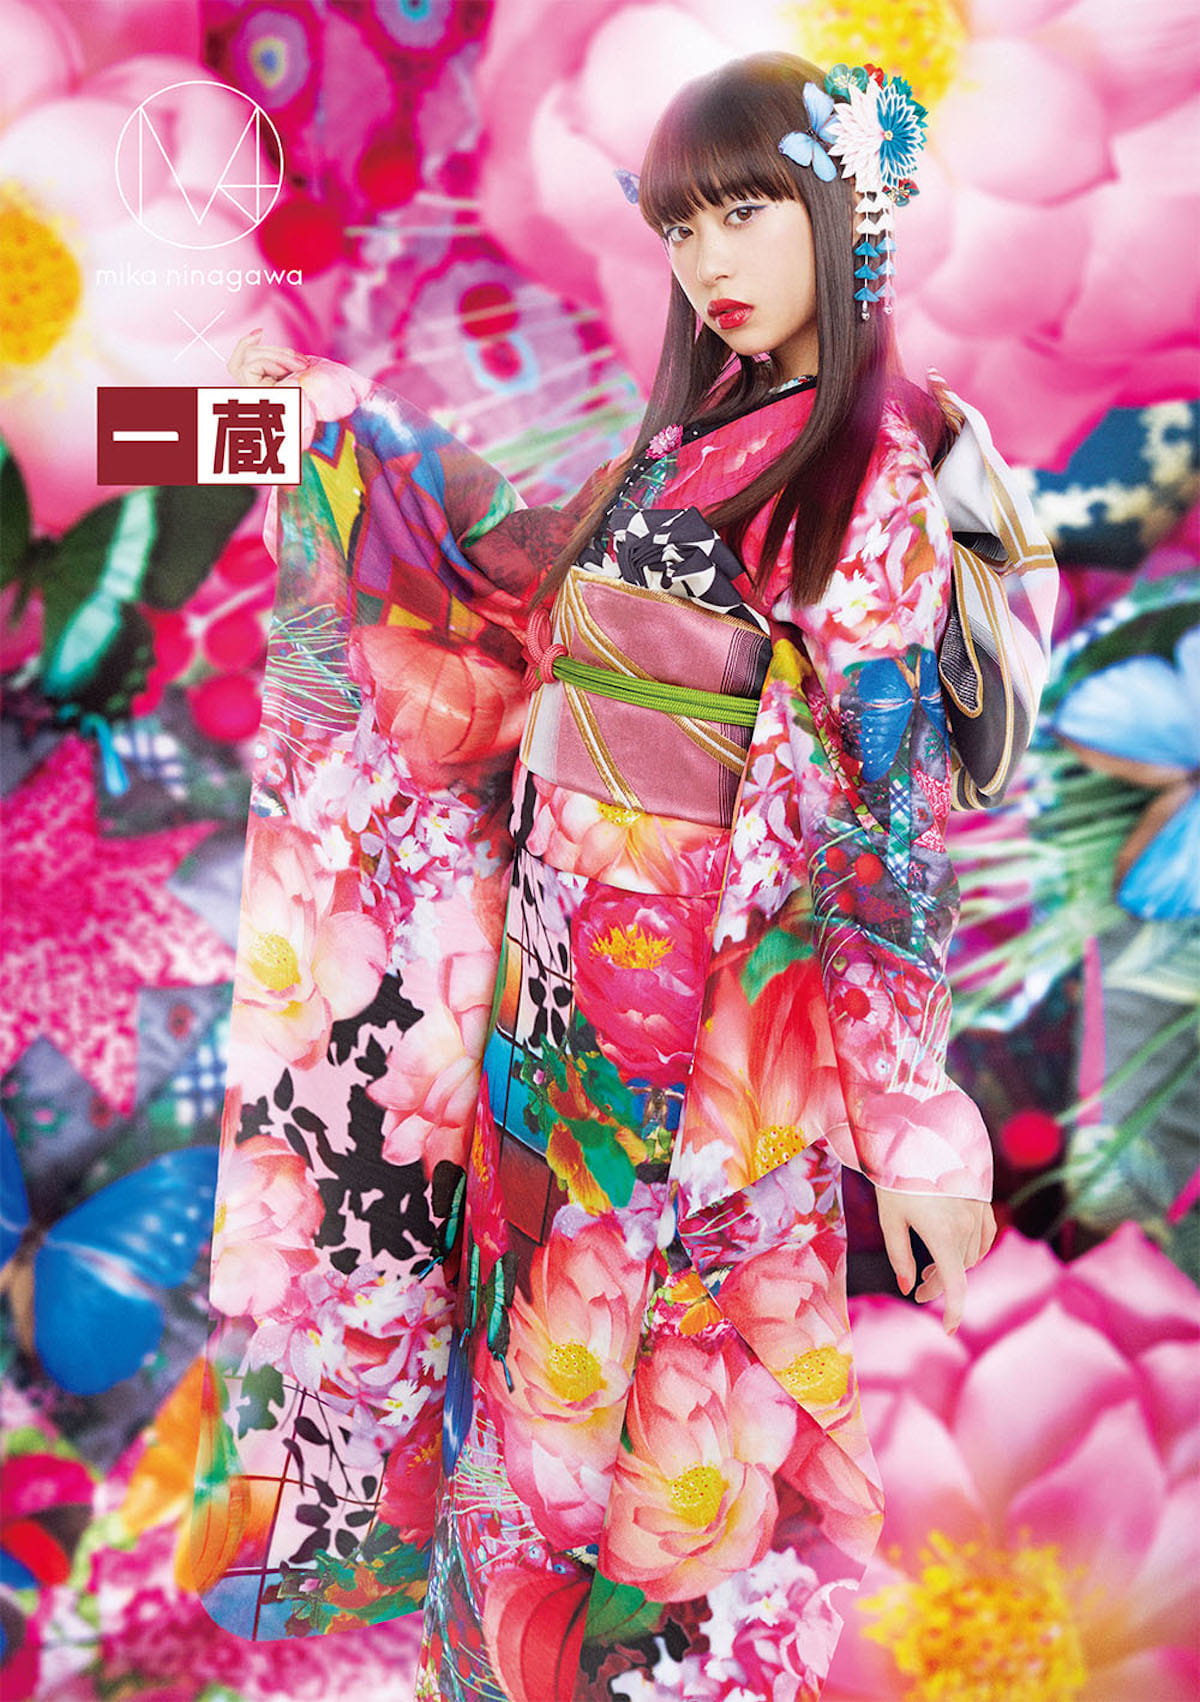 蜷川実花による色彩豊かすぎる振袖を森川葵が着用!ビビットなビジュアル公開 fashion180531_mika-ninagawa_3-1200x1702